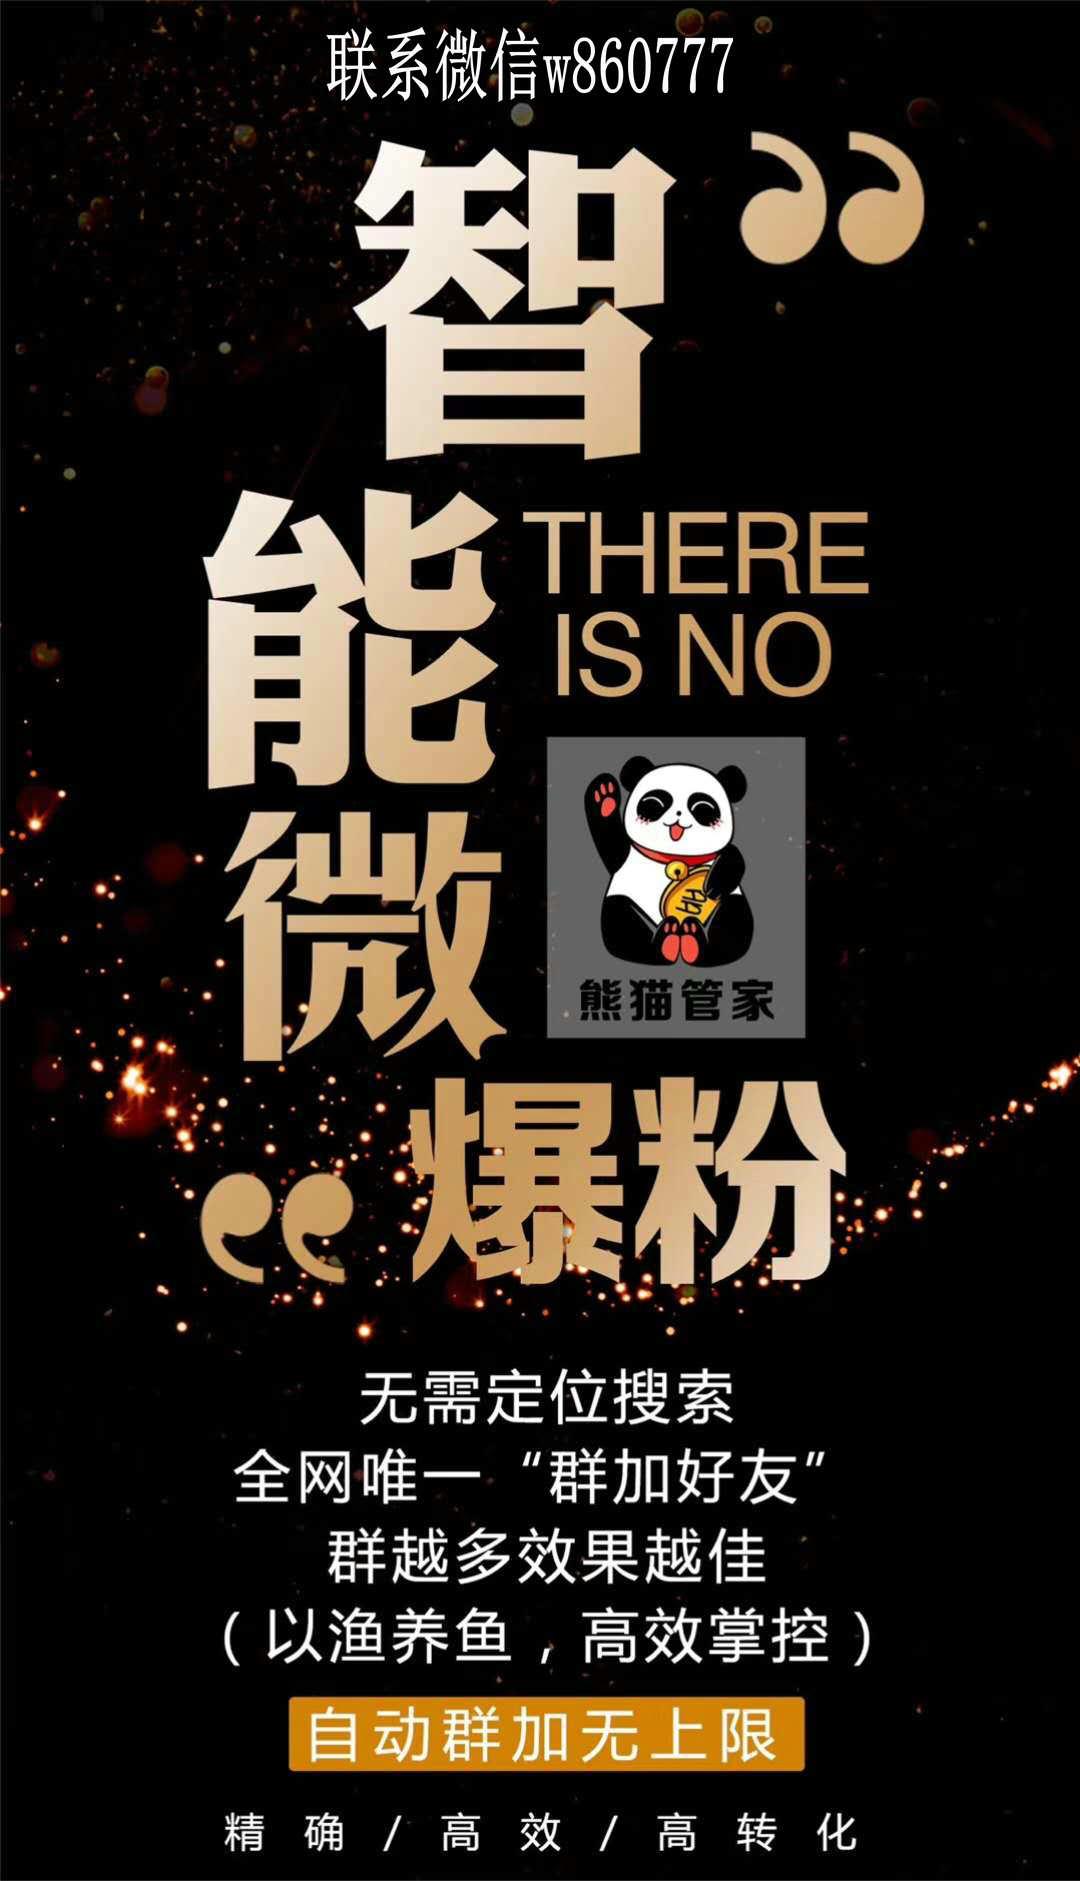 熊猫管家微爆粉官网 微信群自动加人 爆粉软件 微群爆粉